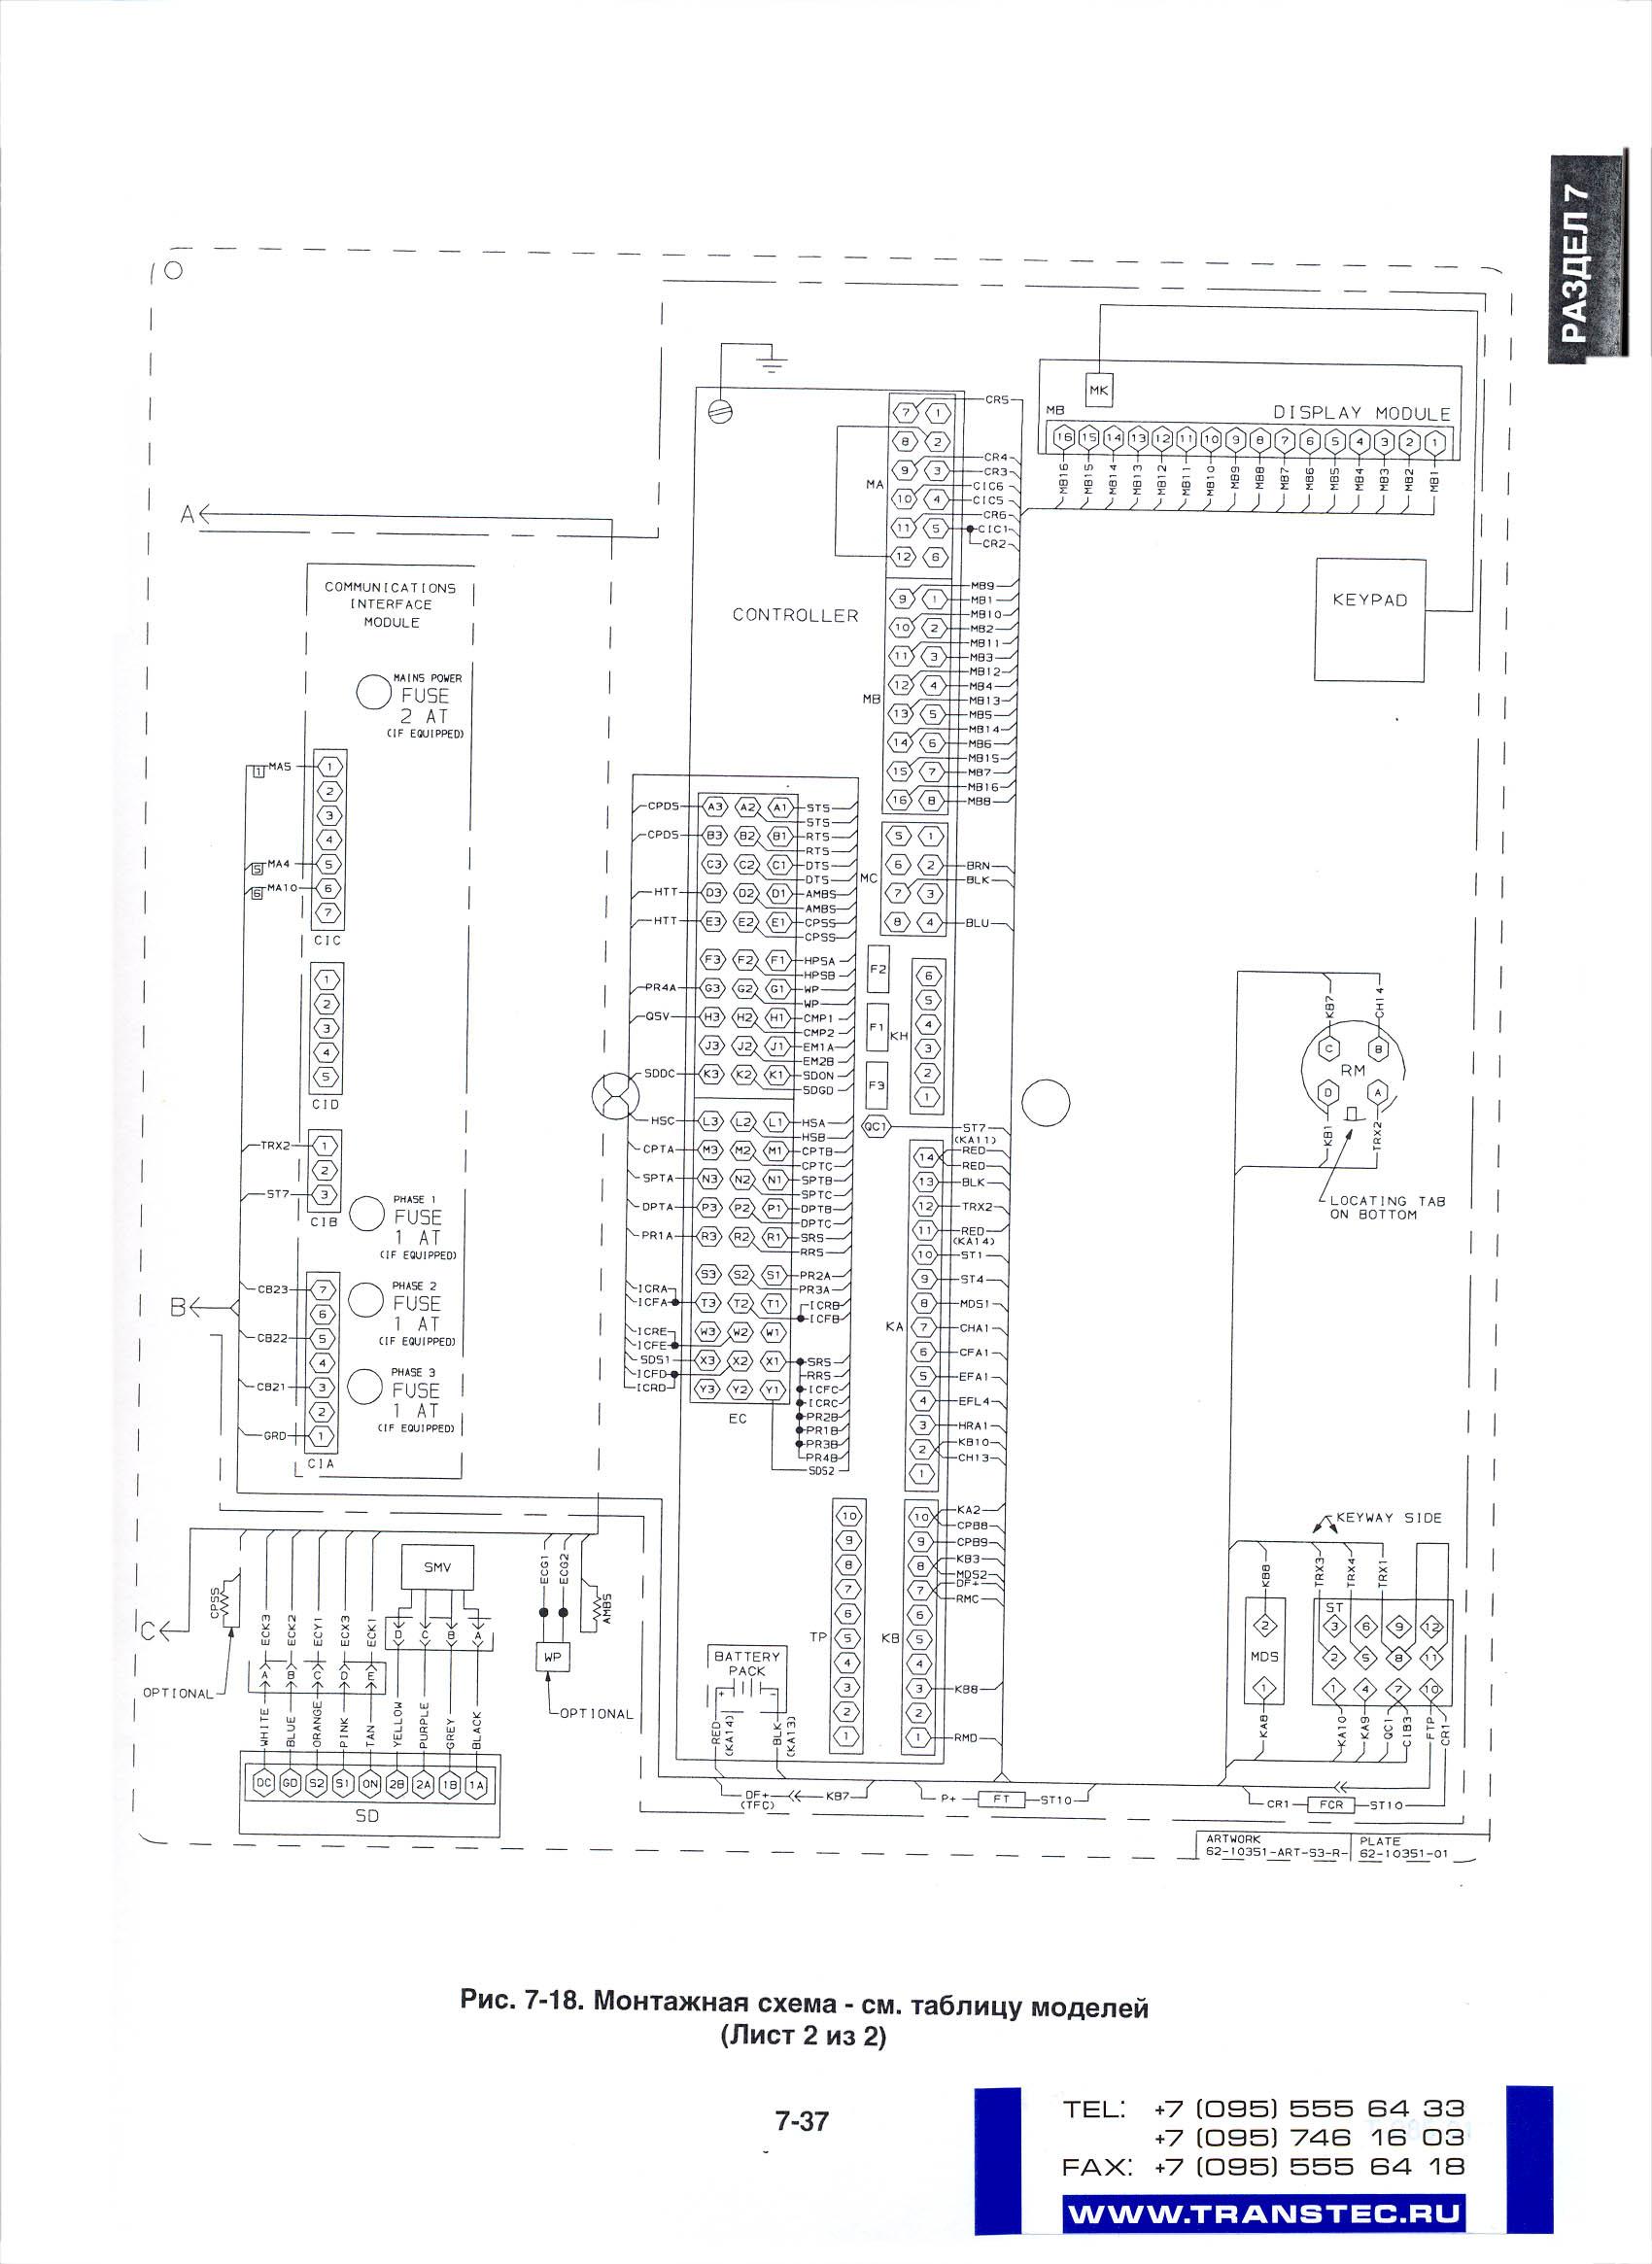 Технологическая схема водоподготовки на тэс